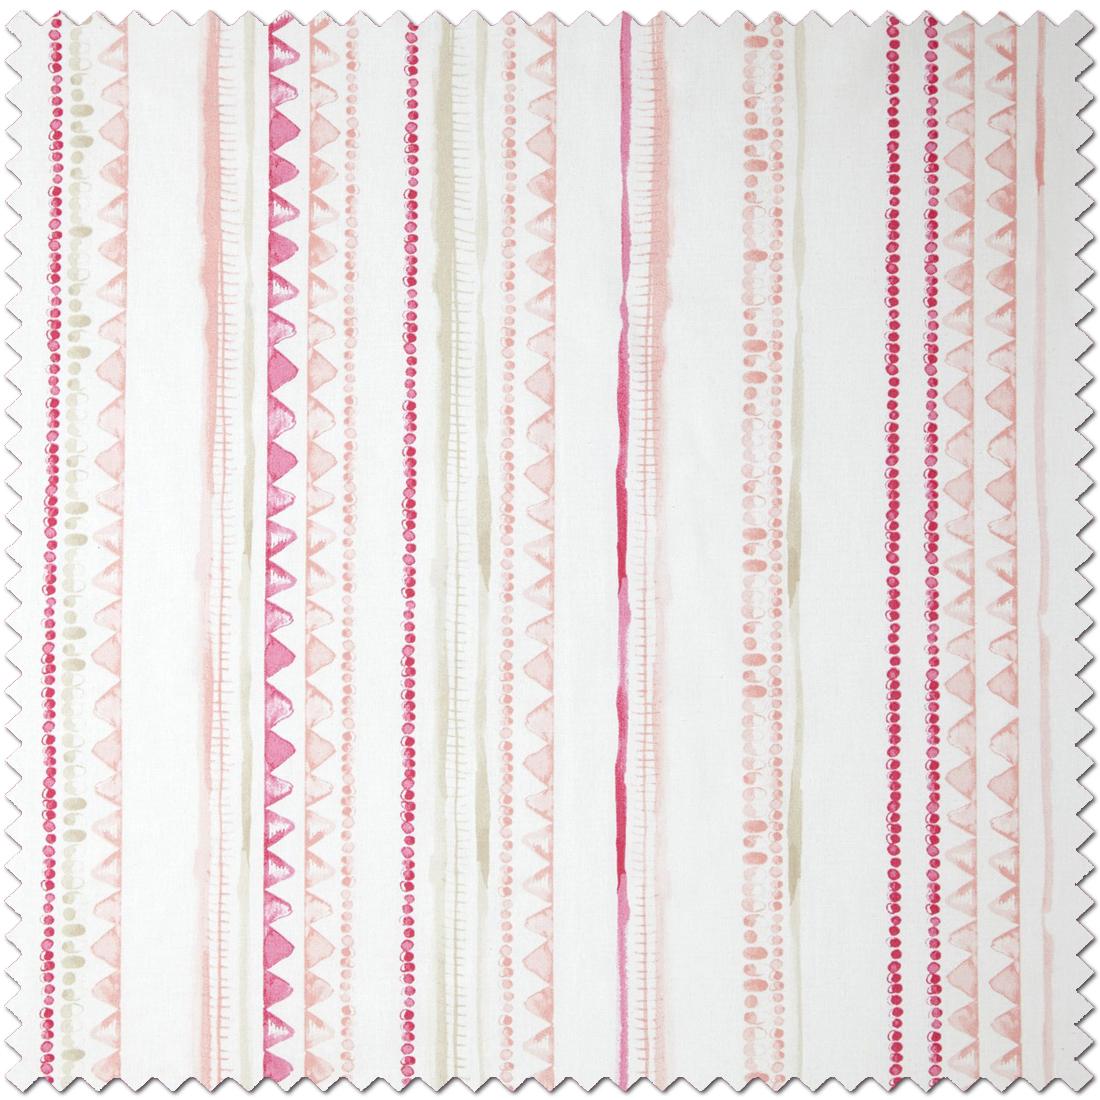 Tissu rayures aquarellées rose - Tissu Ohlala de Casélio